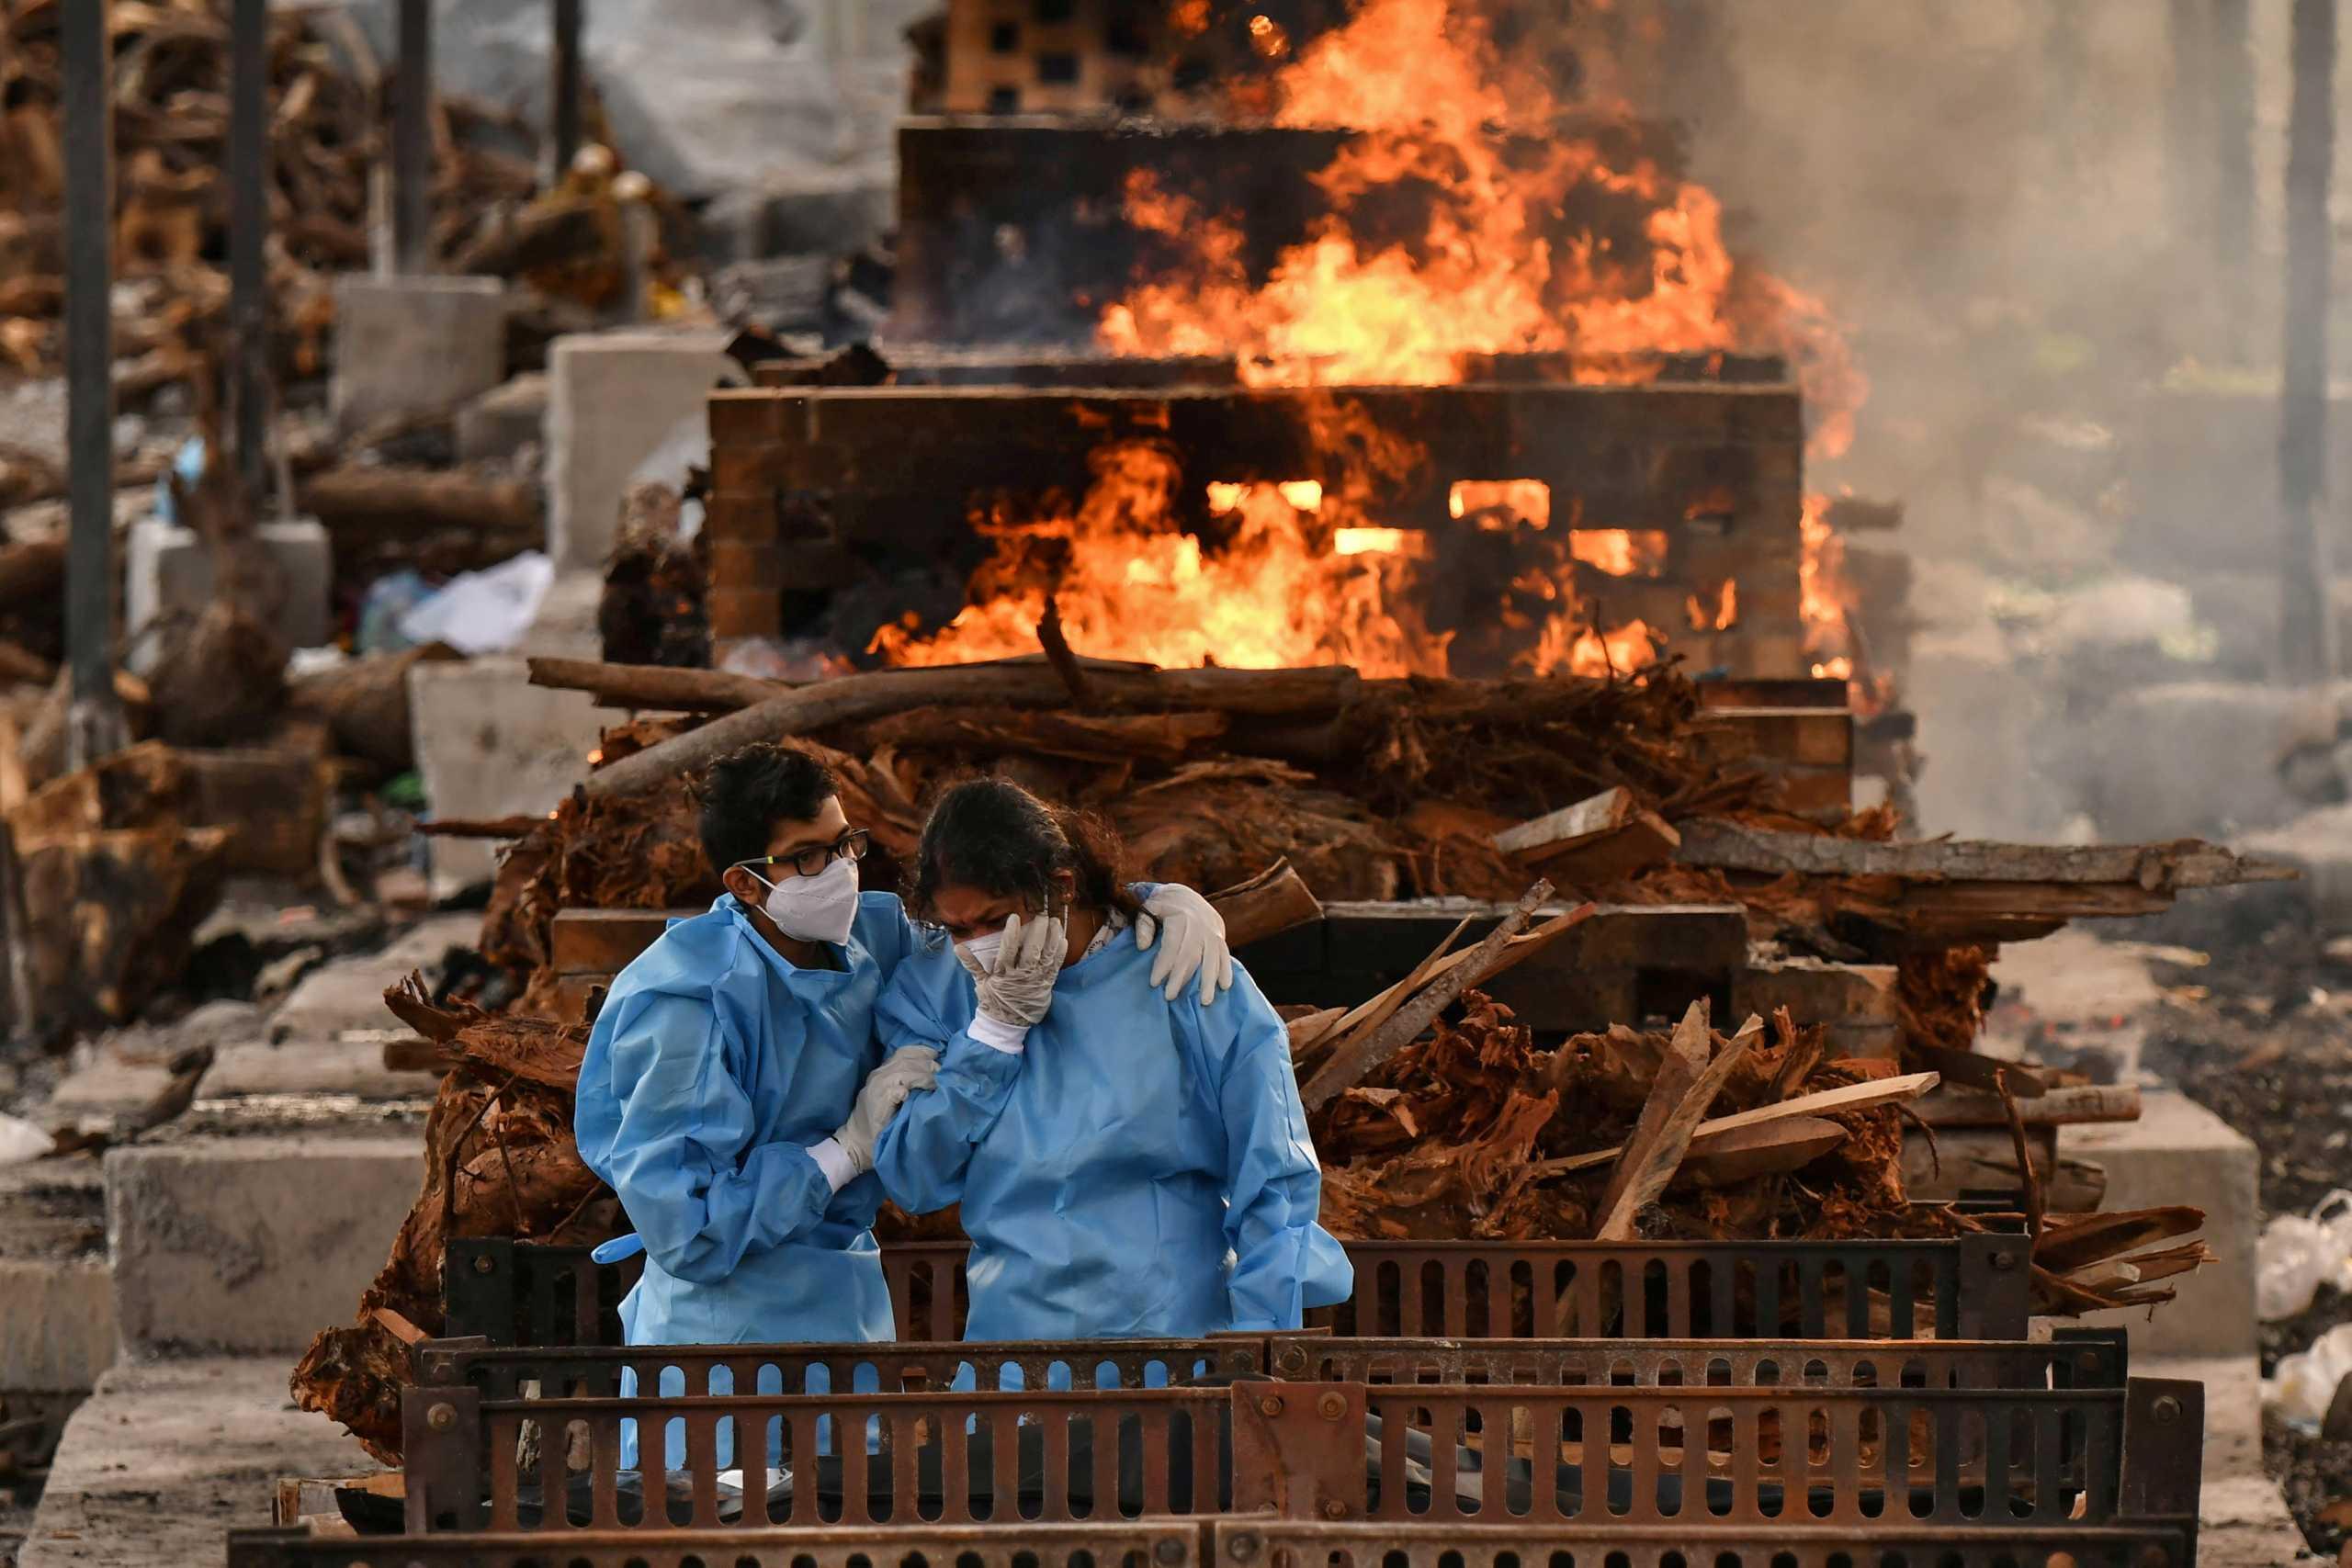 Ο κορονοϊός συνεχίζει να «σφυροκοπά» την Ινδία: 4.000 νεκροί και 343.144 κρούσματα